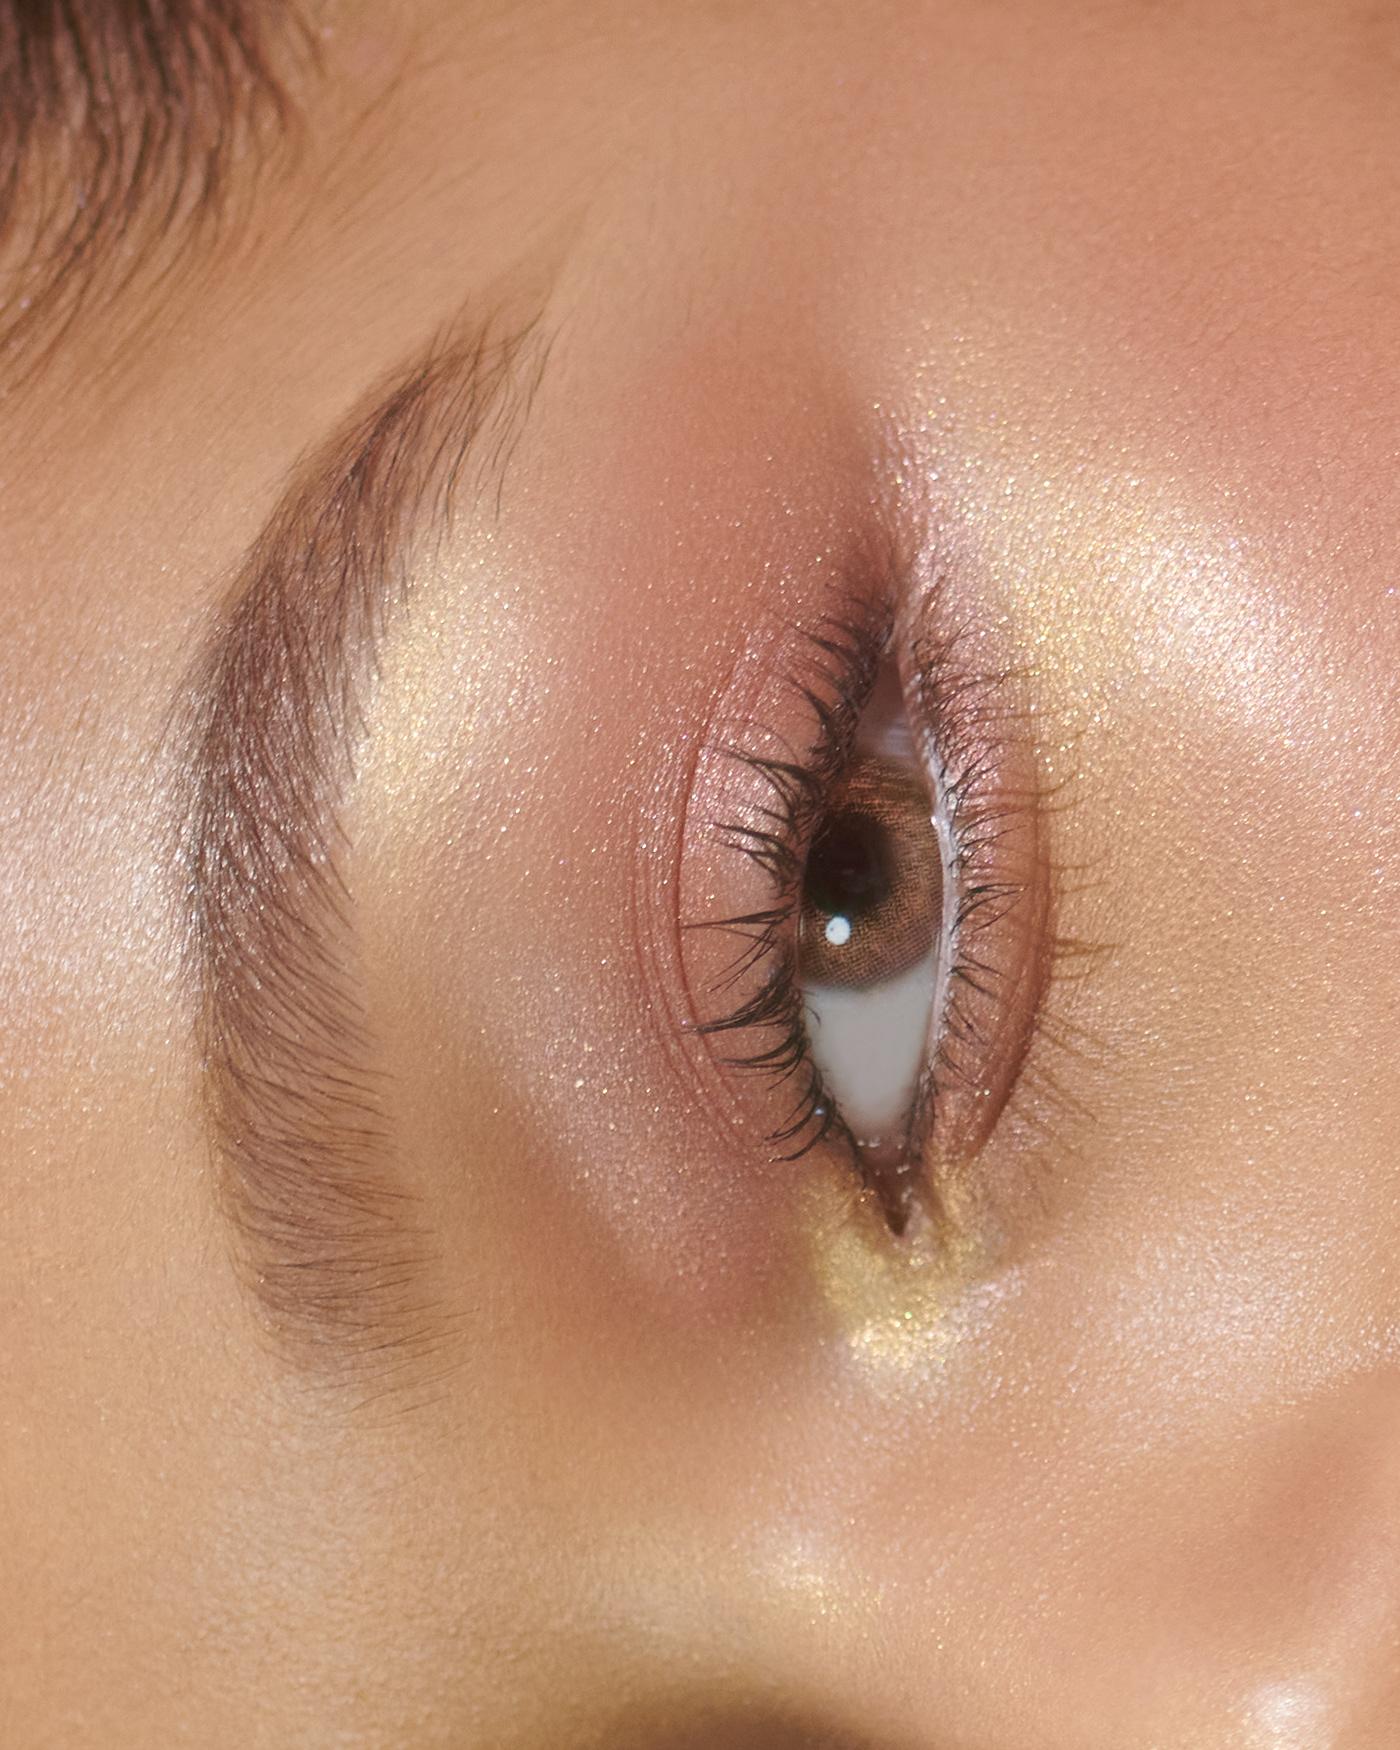 Image may contain: close-up, eyes and organ